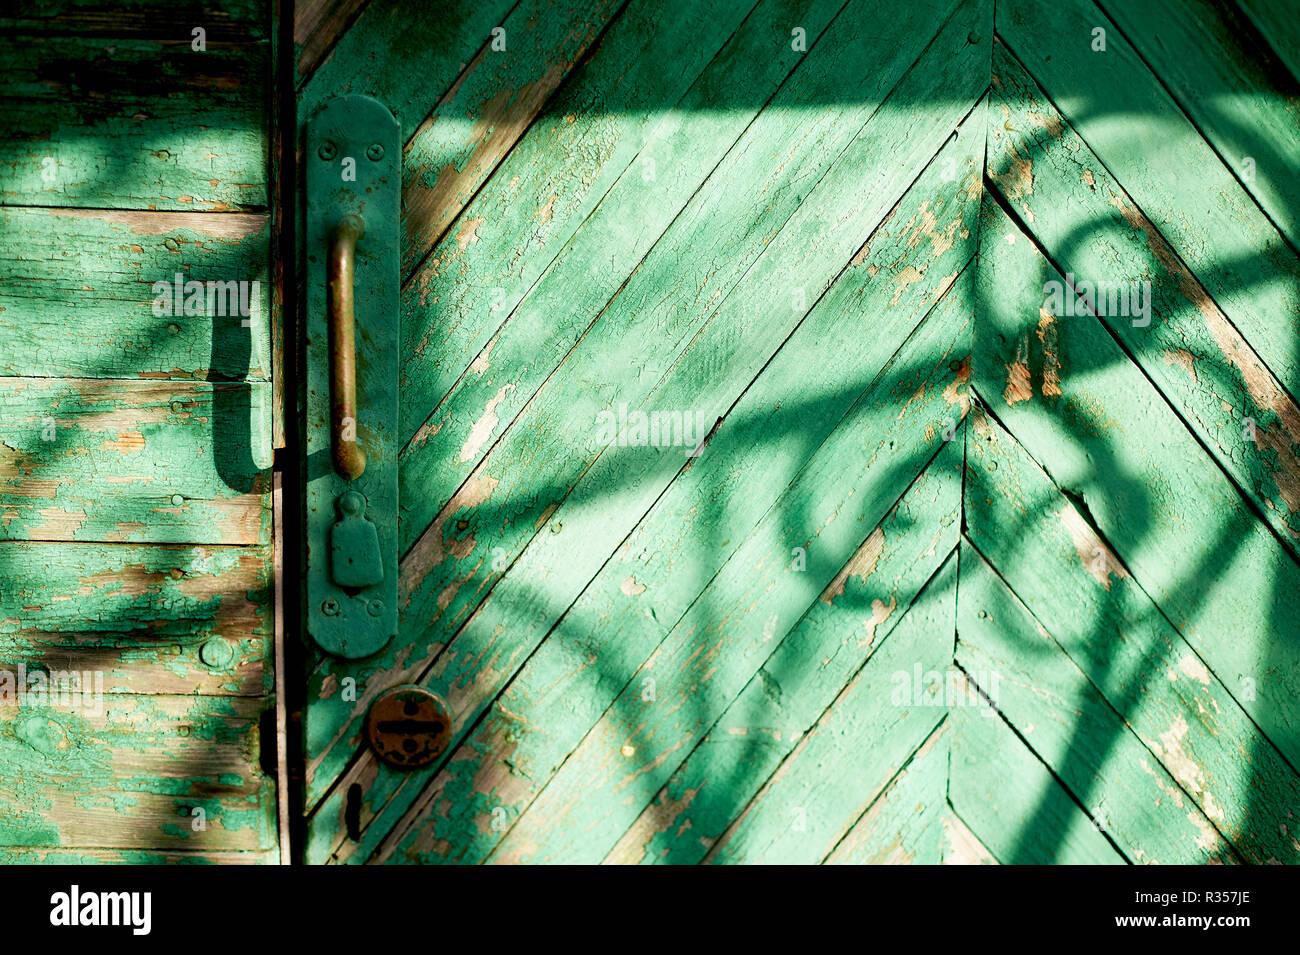 Alten grünen Tür oder Wand eines Holz- Haus im rustikalen Stil, mit abblätternder Farbe. Der Schatten eines schmiedeeisernen Bars, schwarze und weiße Zeichnung Stockbild